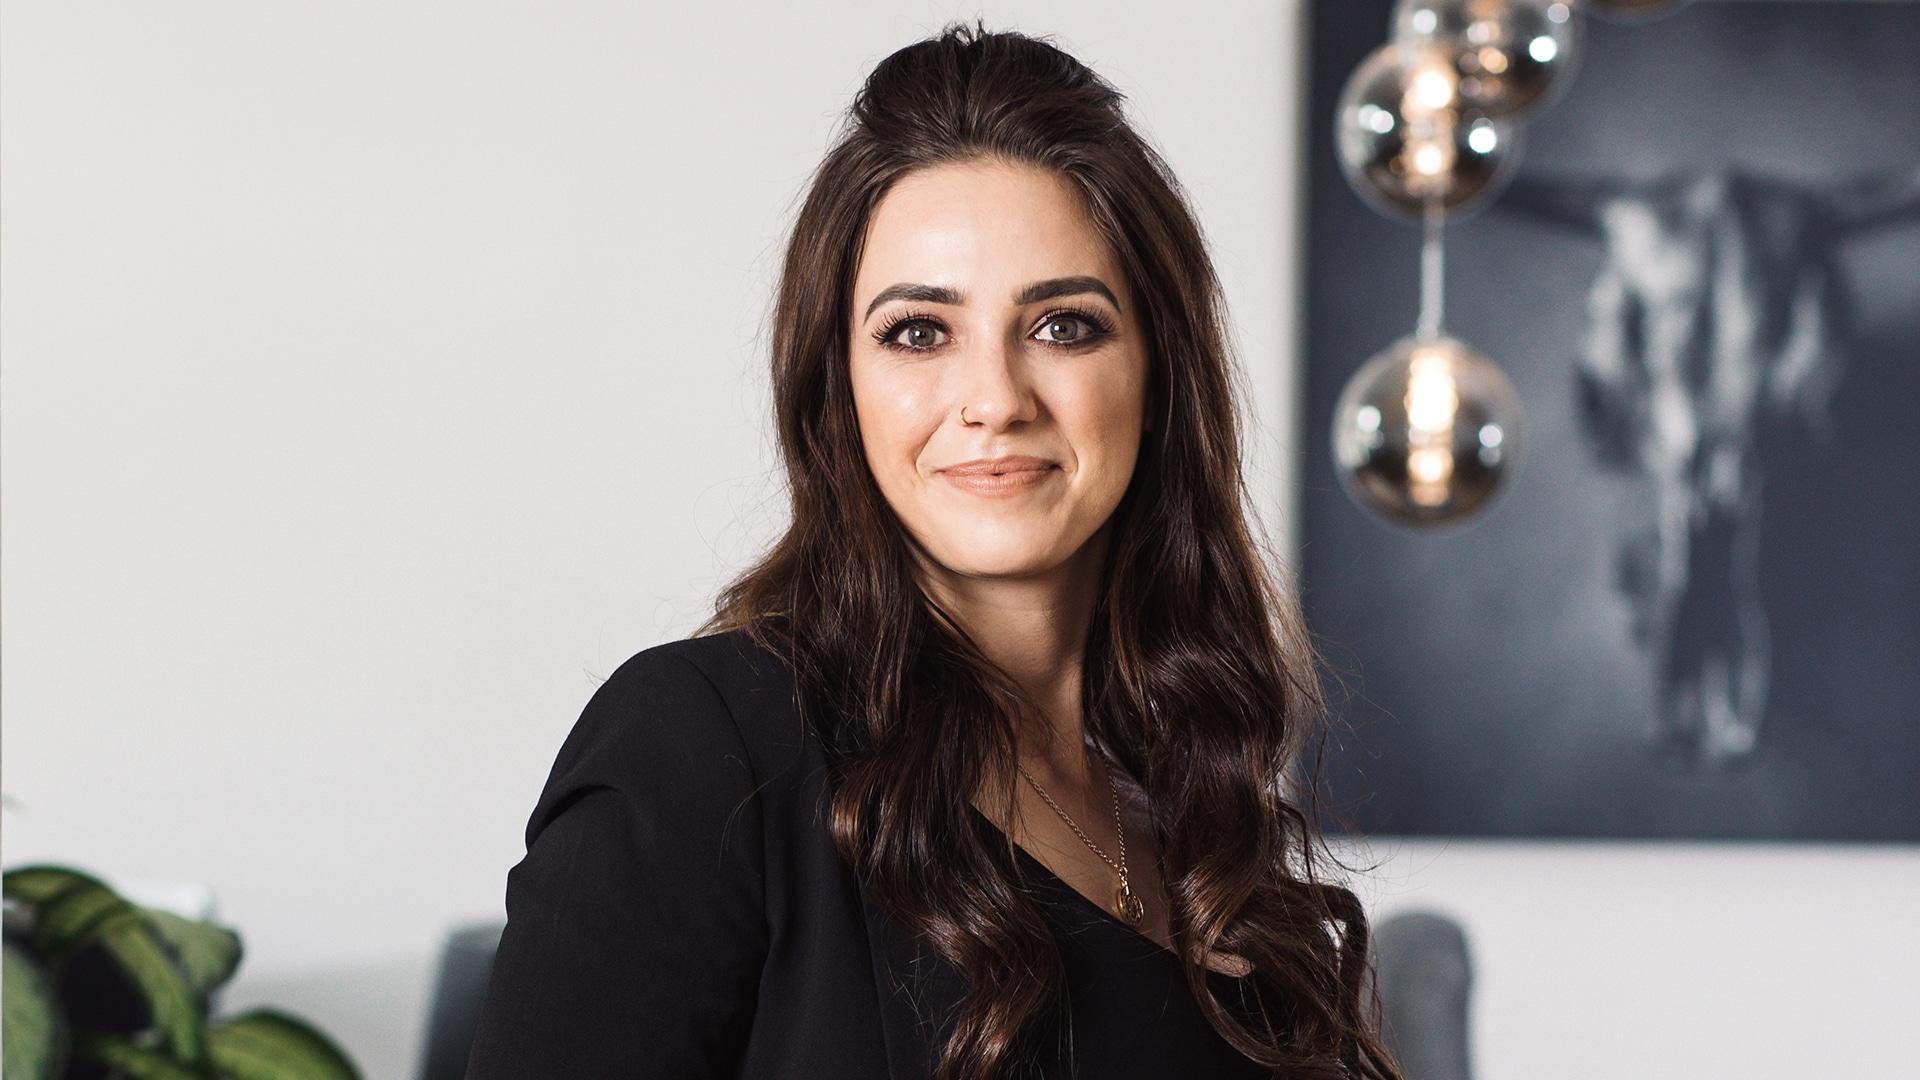 HELLO BEAUTY Marketing GmbH - Selina Tiller - Hello Beauty ist wie eine riesengroße Familie. Ich bin dankbar, ein Teil davon sein zu dürfen.